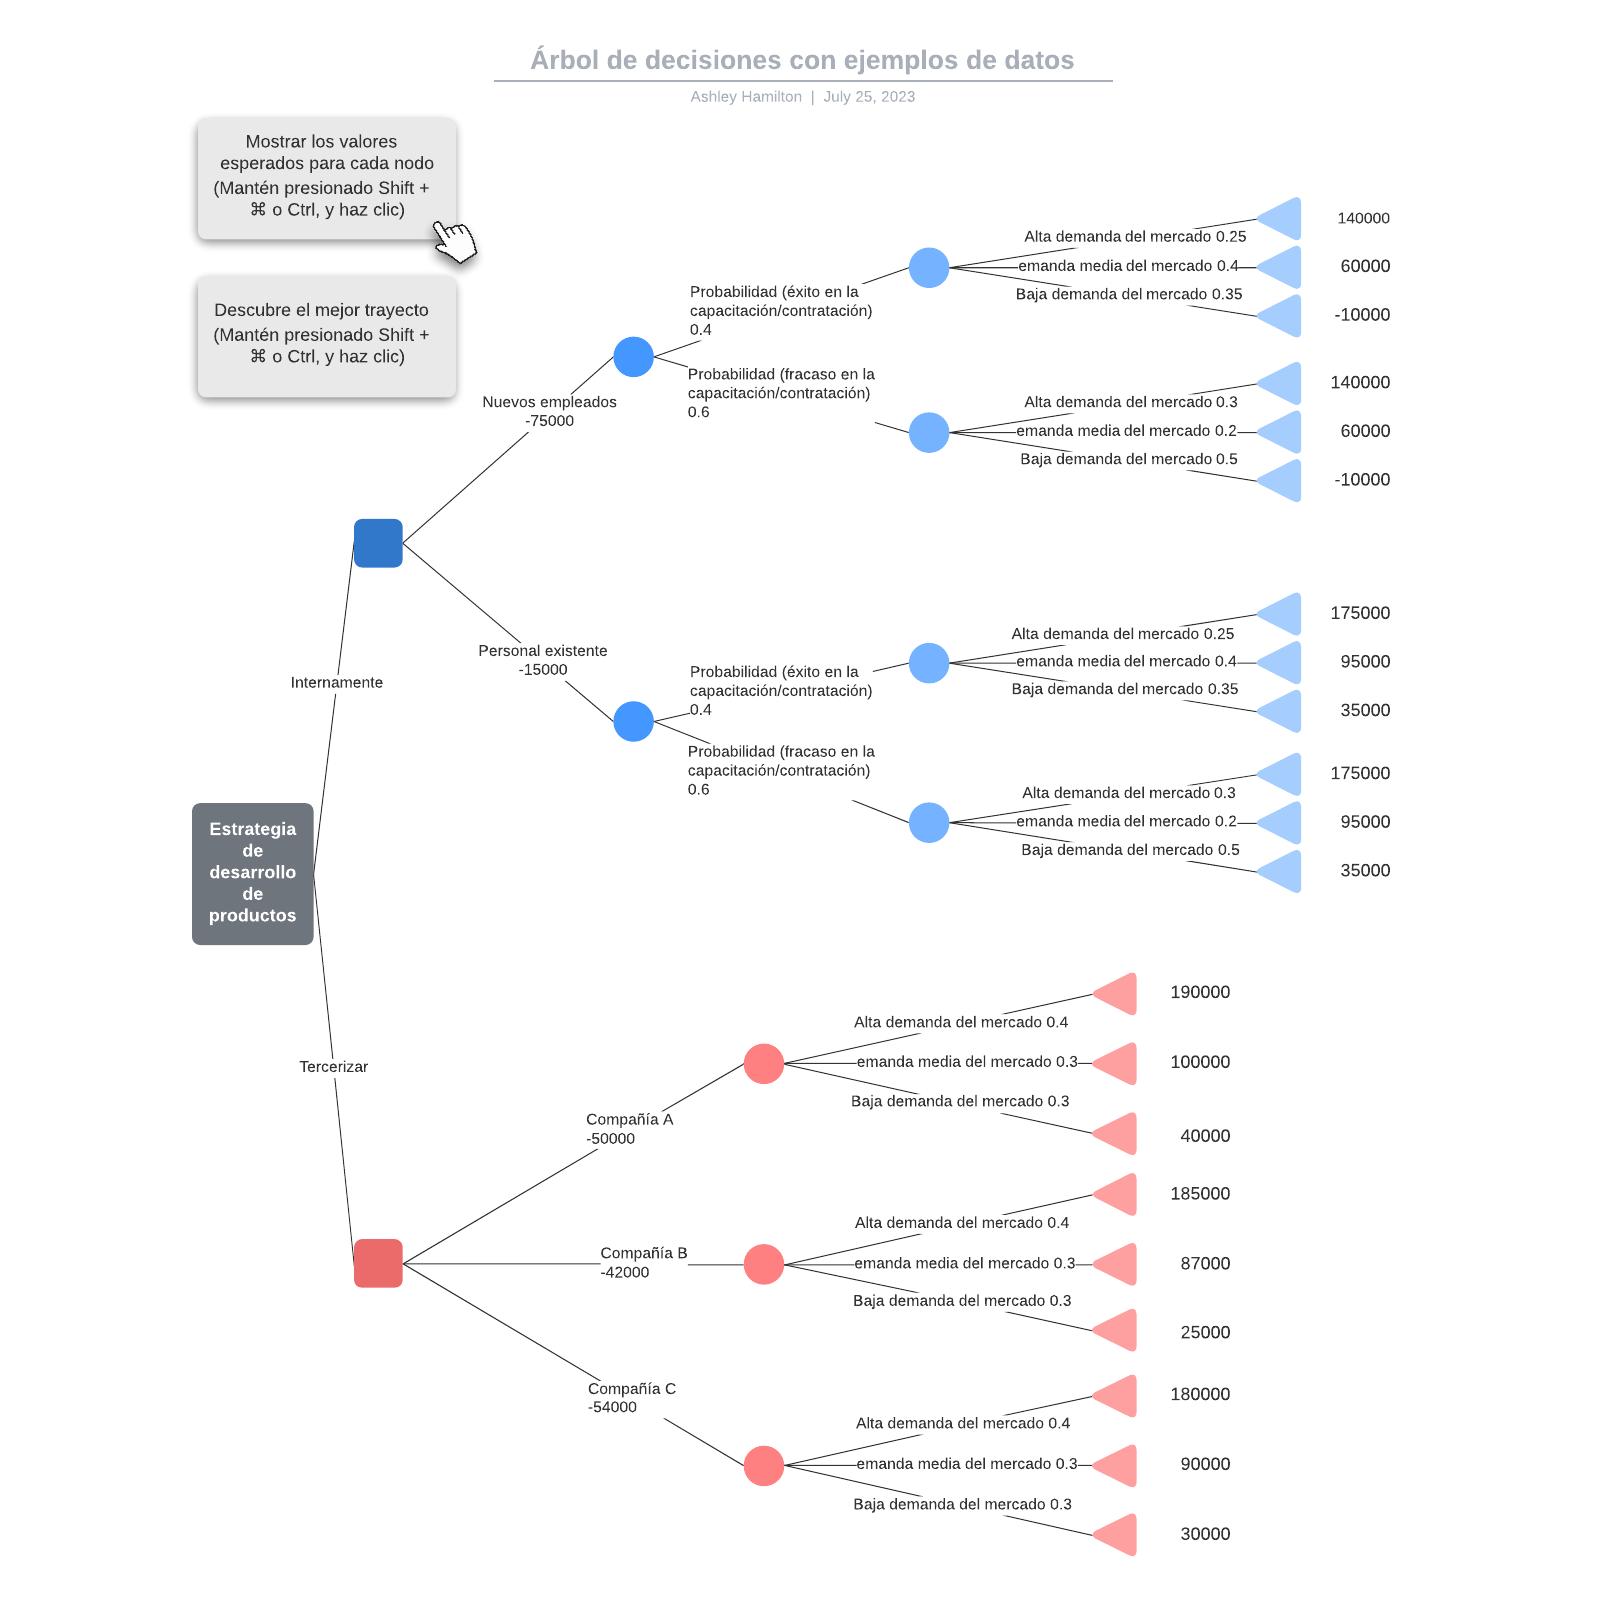 Árbol de decisiones con ejemplos de datos